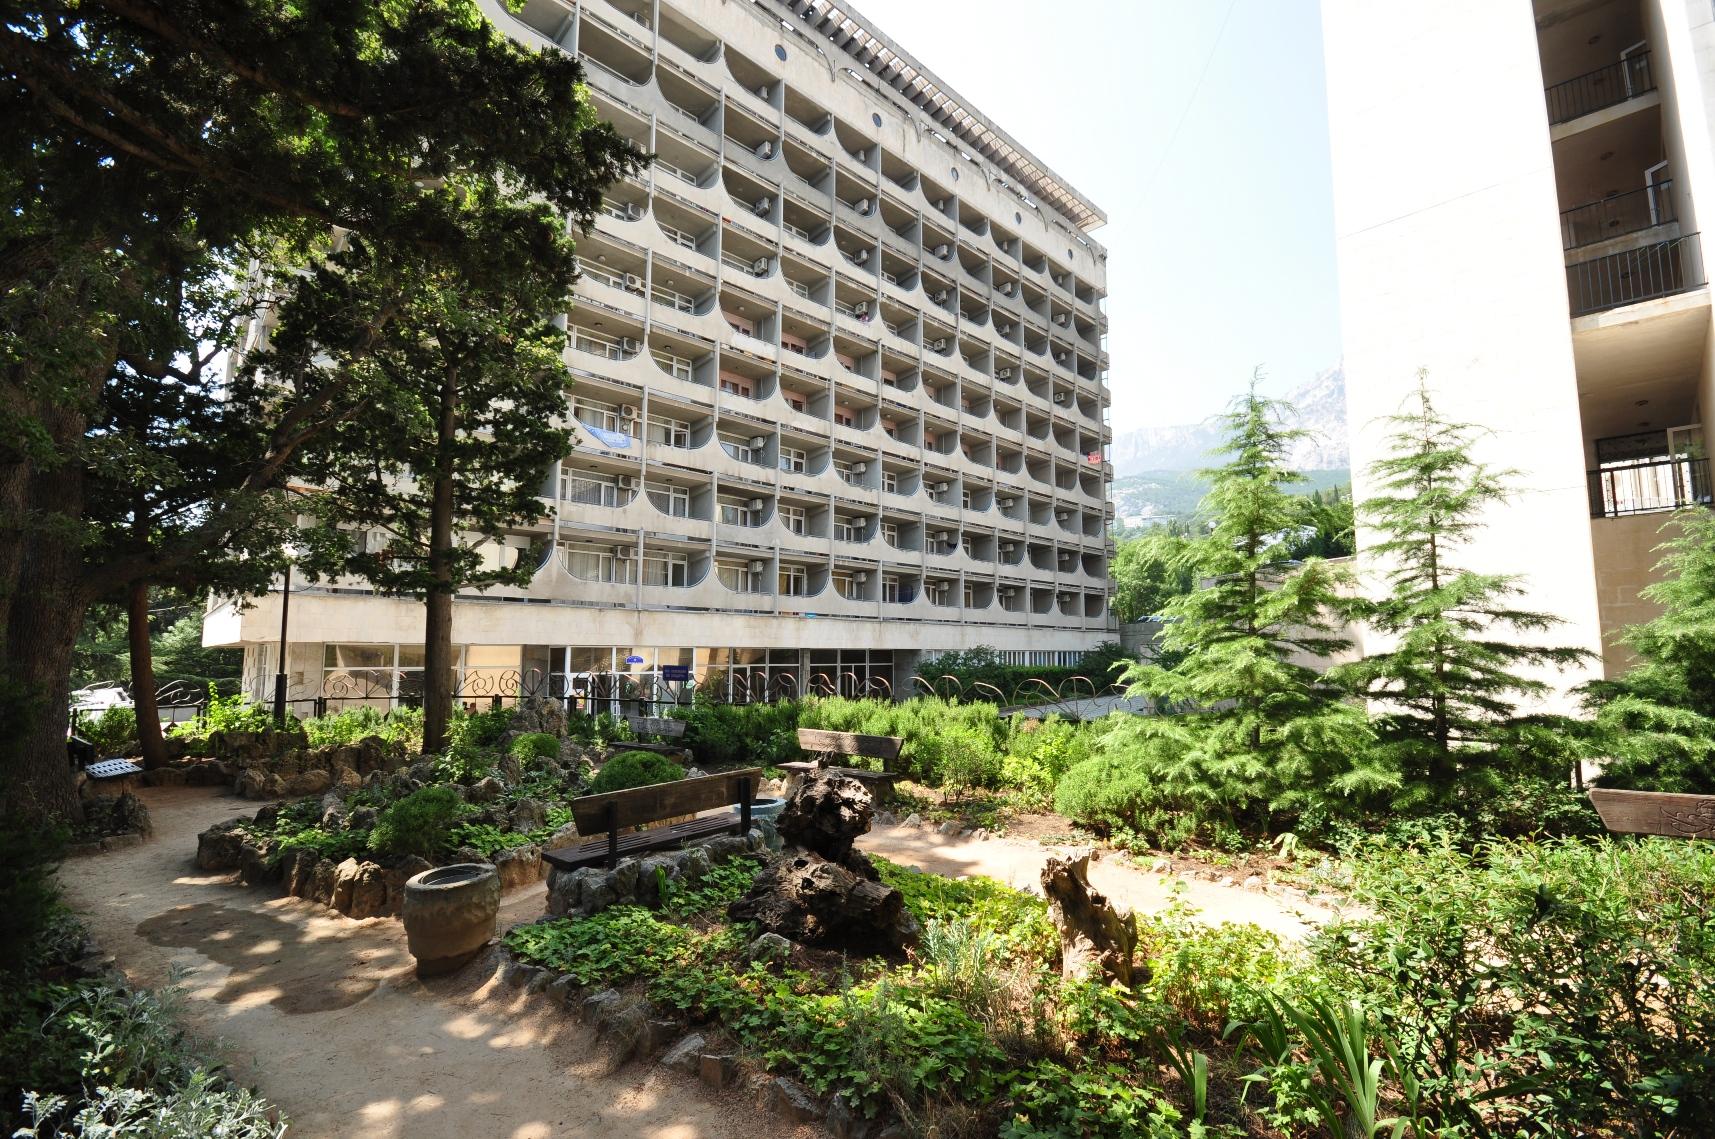 санаторий ай петри официальный фото место